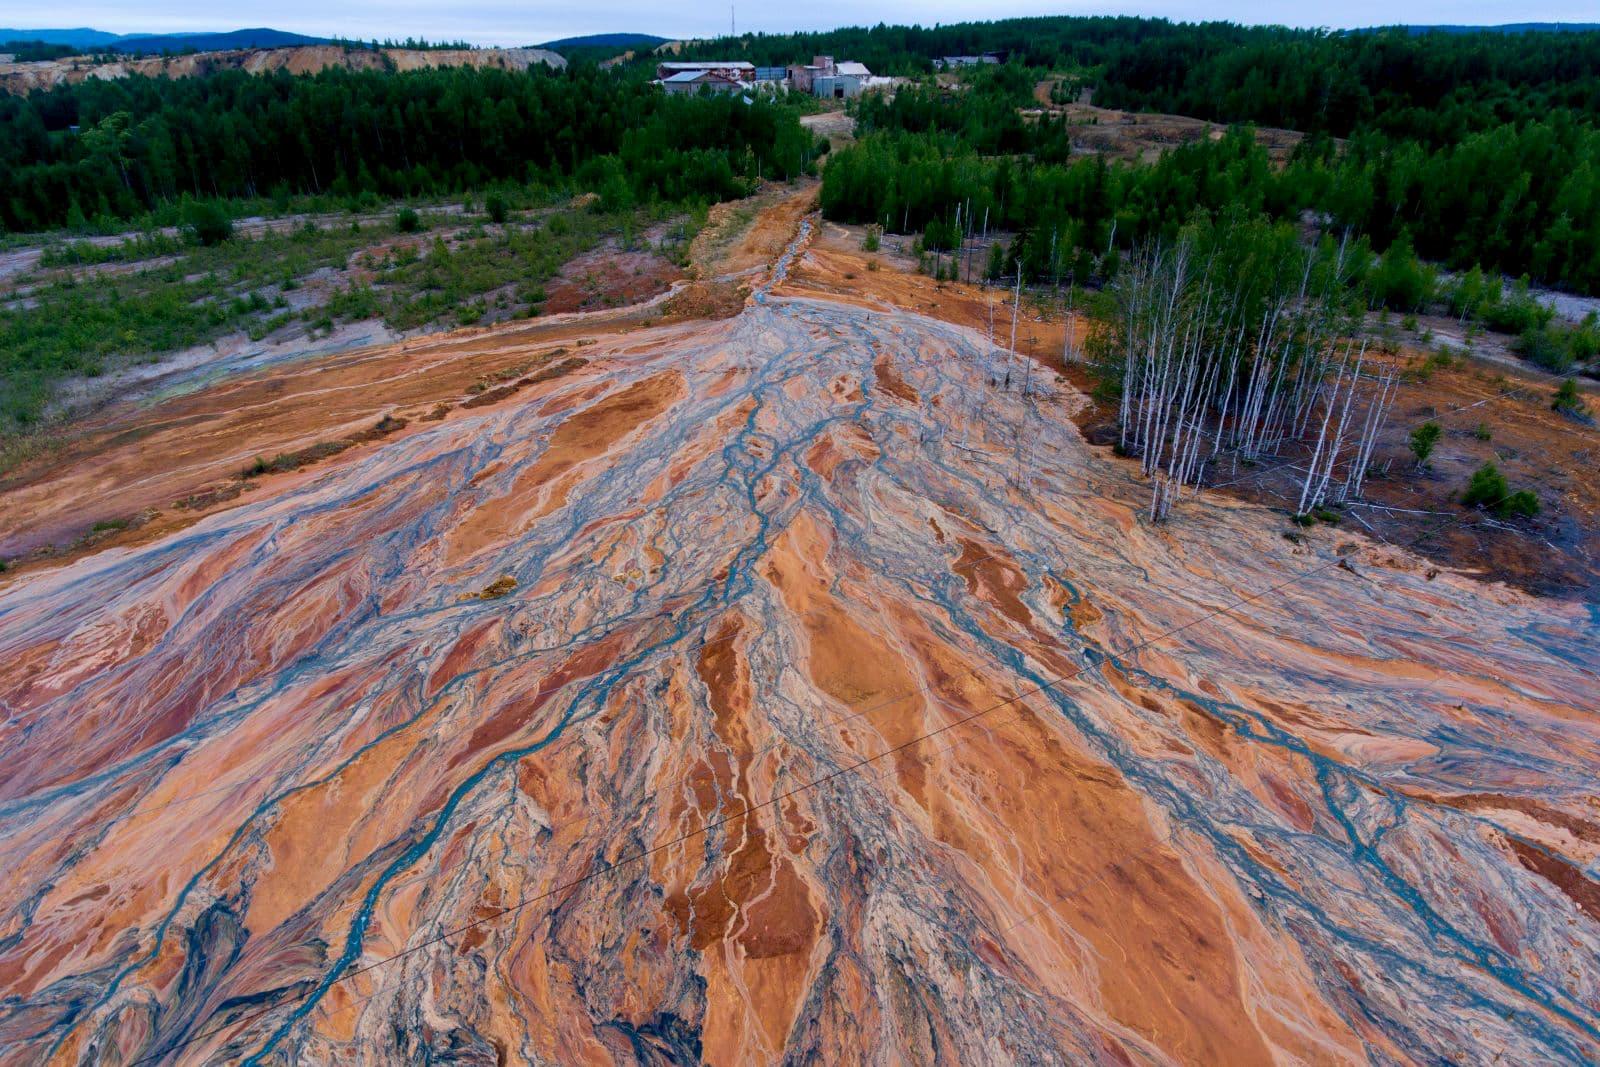 Rio com rejeitos perto de uma mina de sulfato de cobre em desuso perto da vila russa chamada Lyovikha nos Montes Urais